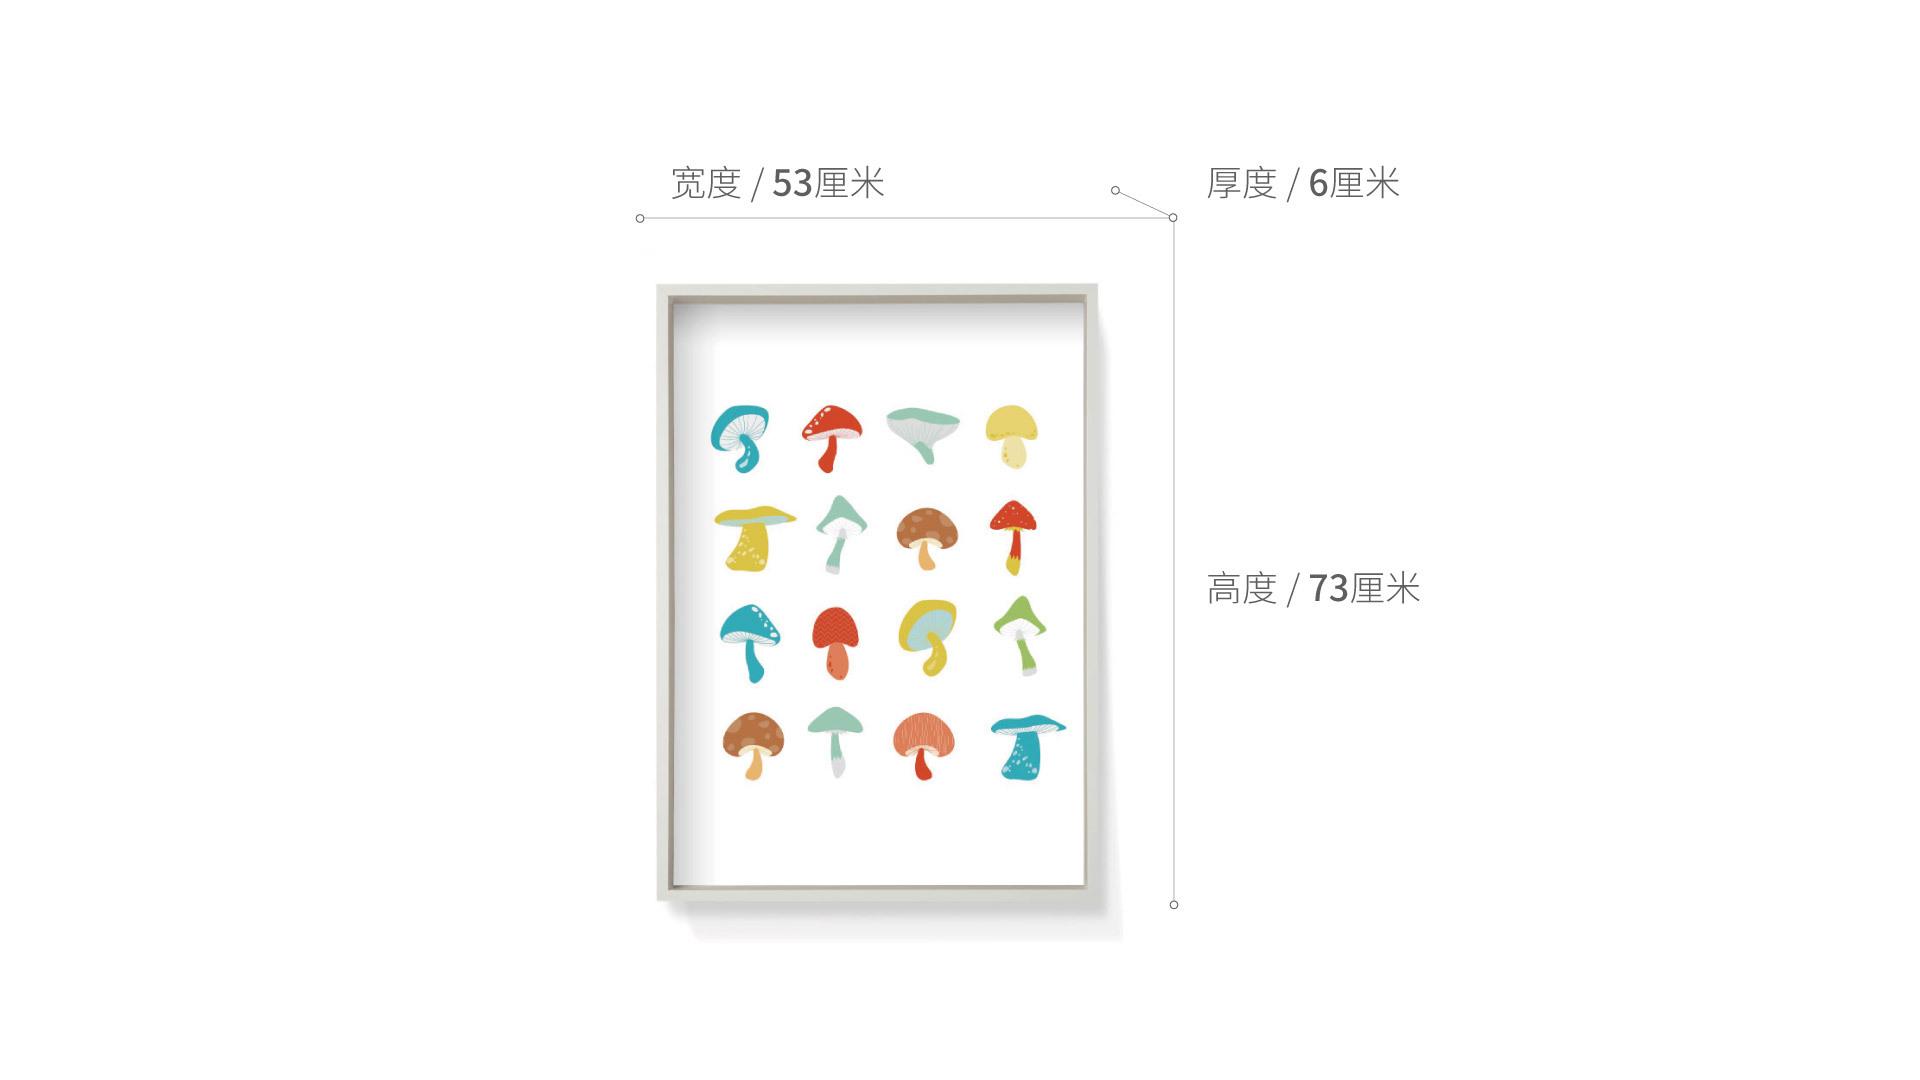 作画-蘑菇系列之彩大号装饰效果图